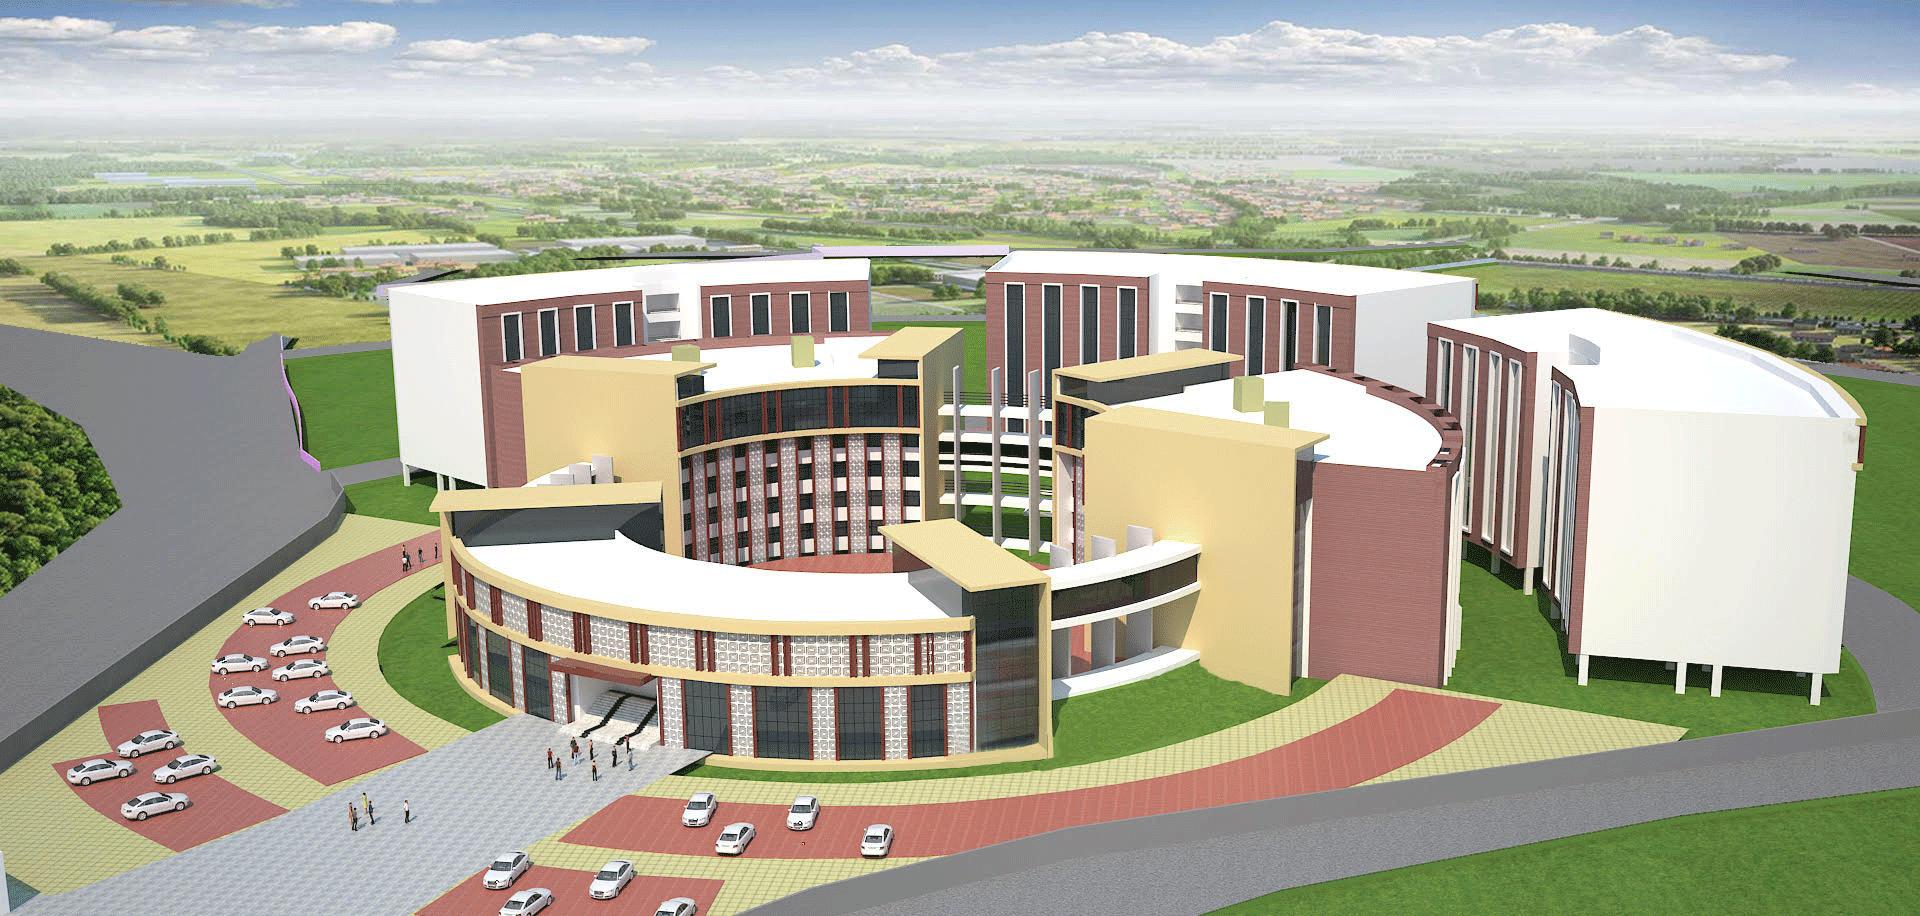 Campus Infra